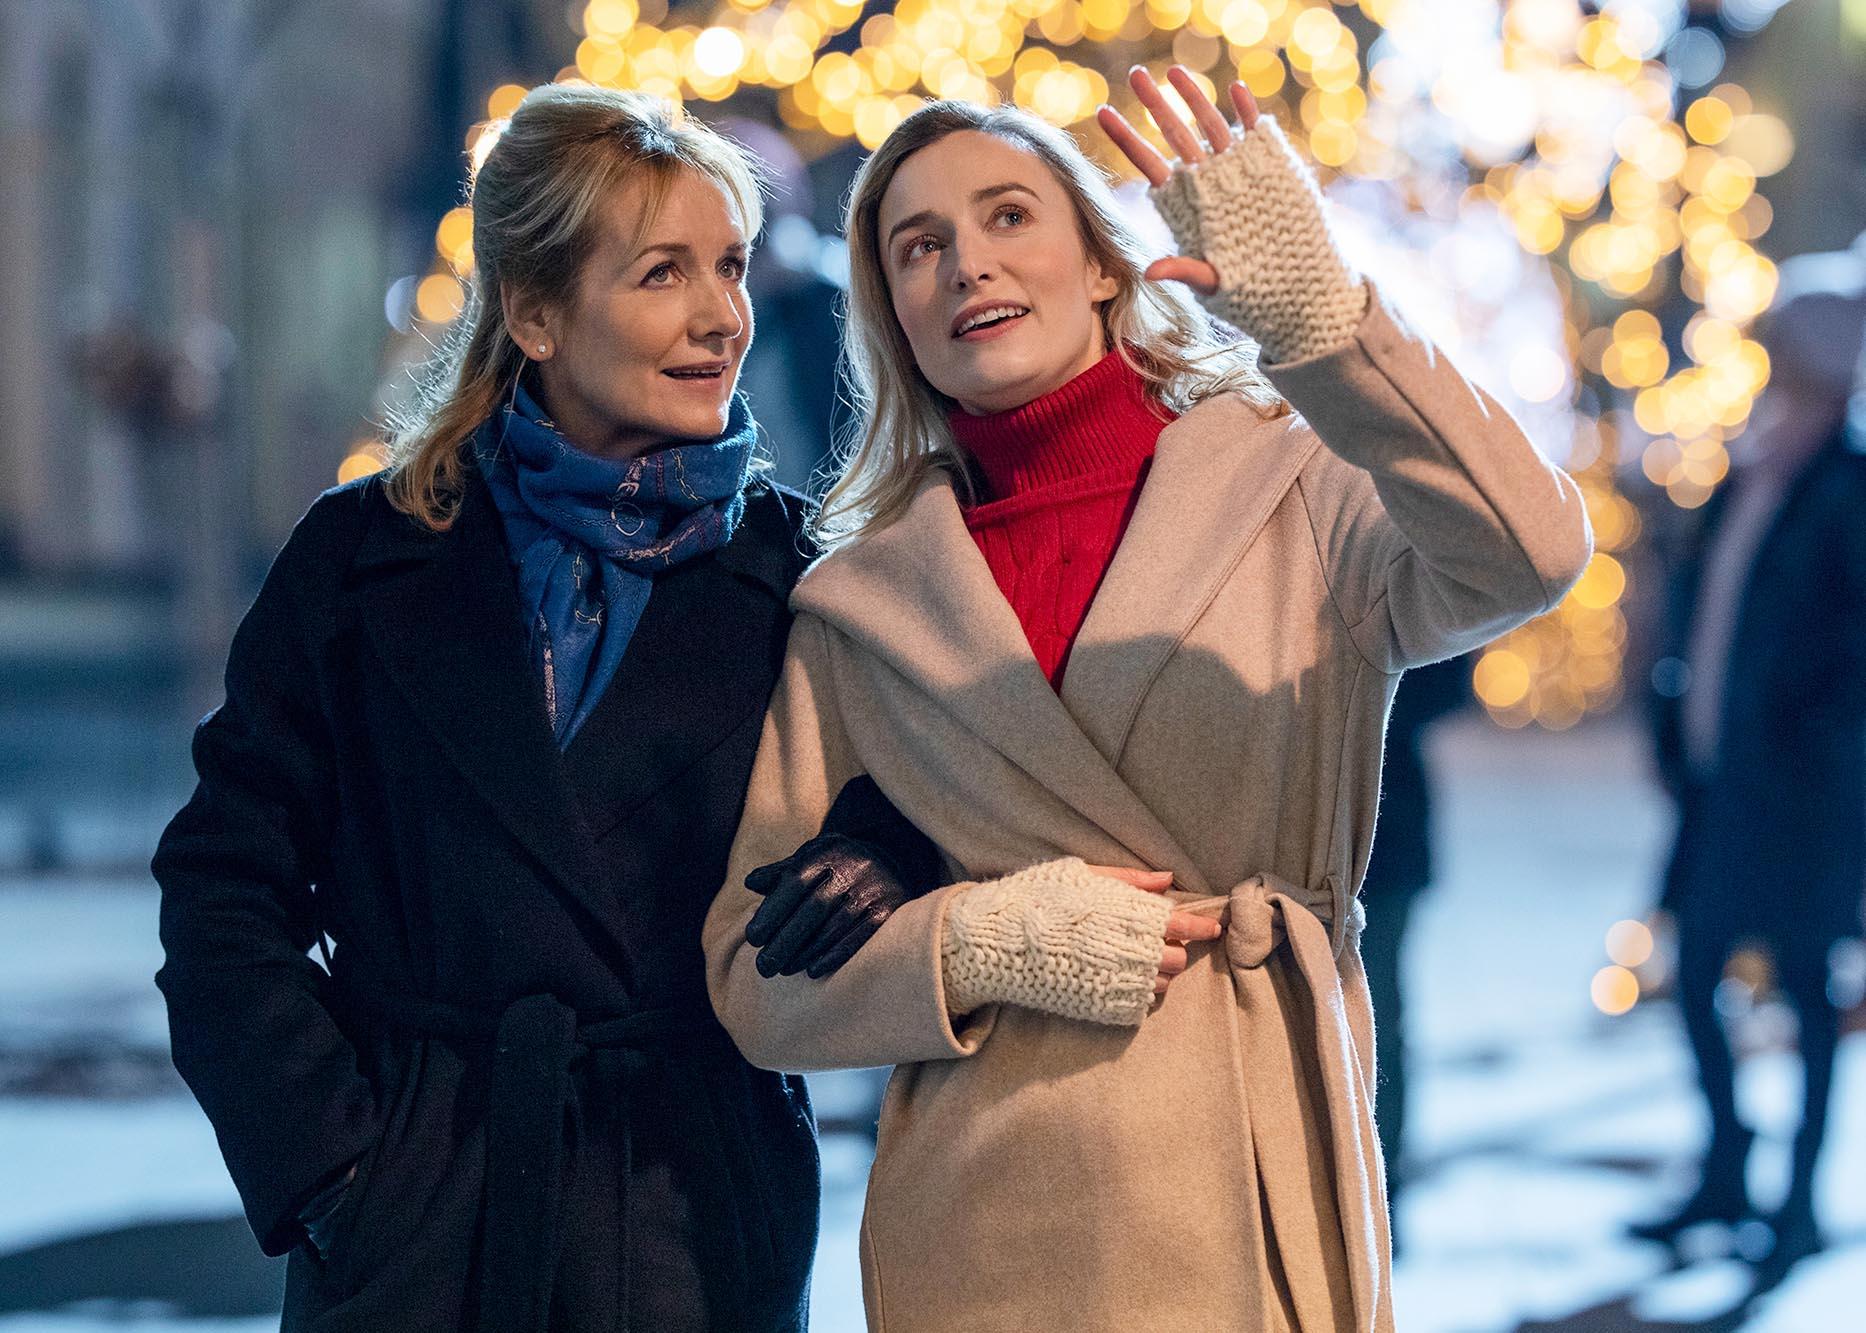 2021 Lifetime Christmas Movies - The Christmas Ball